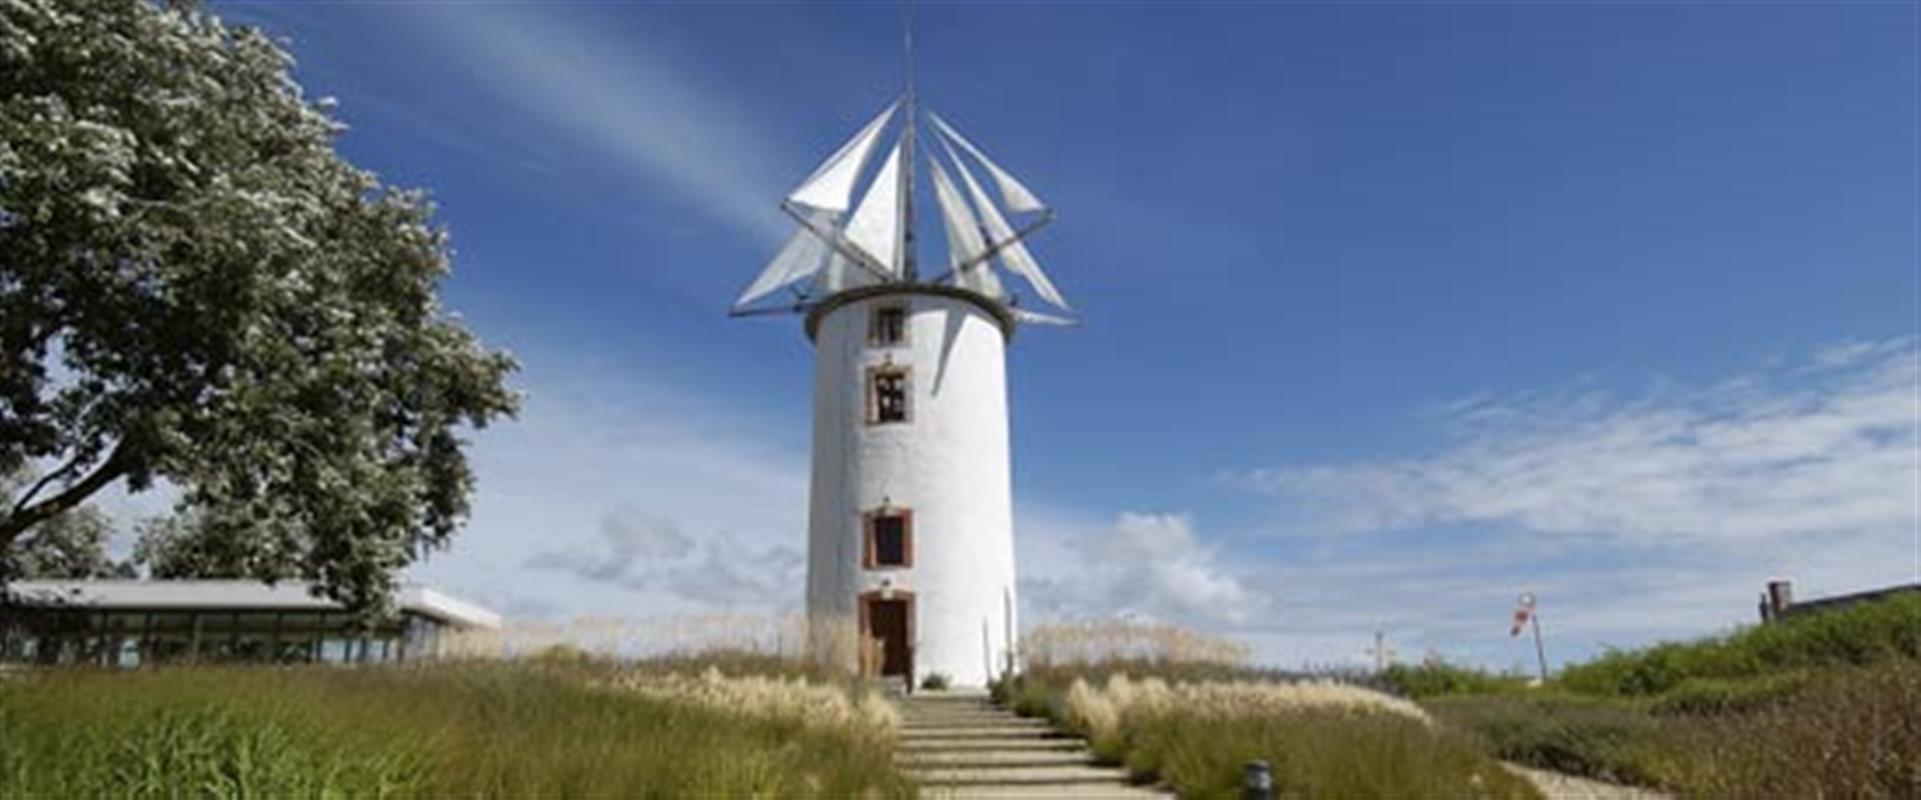 Le jardin du vent tourisme notre dame de monts en vend e pr s de saint jean de monts et for Le grand jardin in notre dame de monts